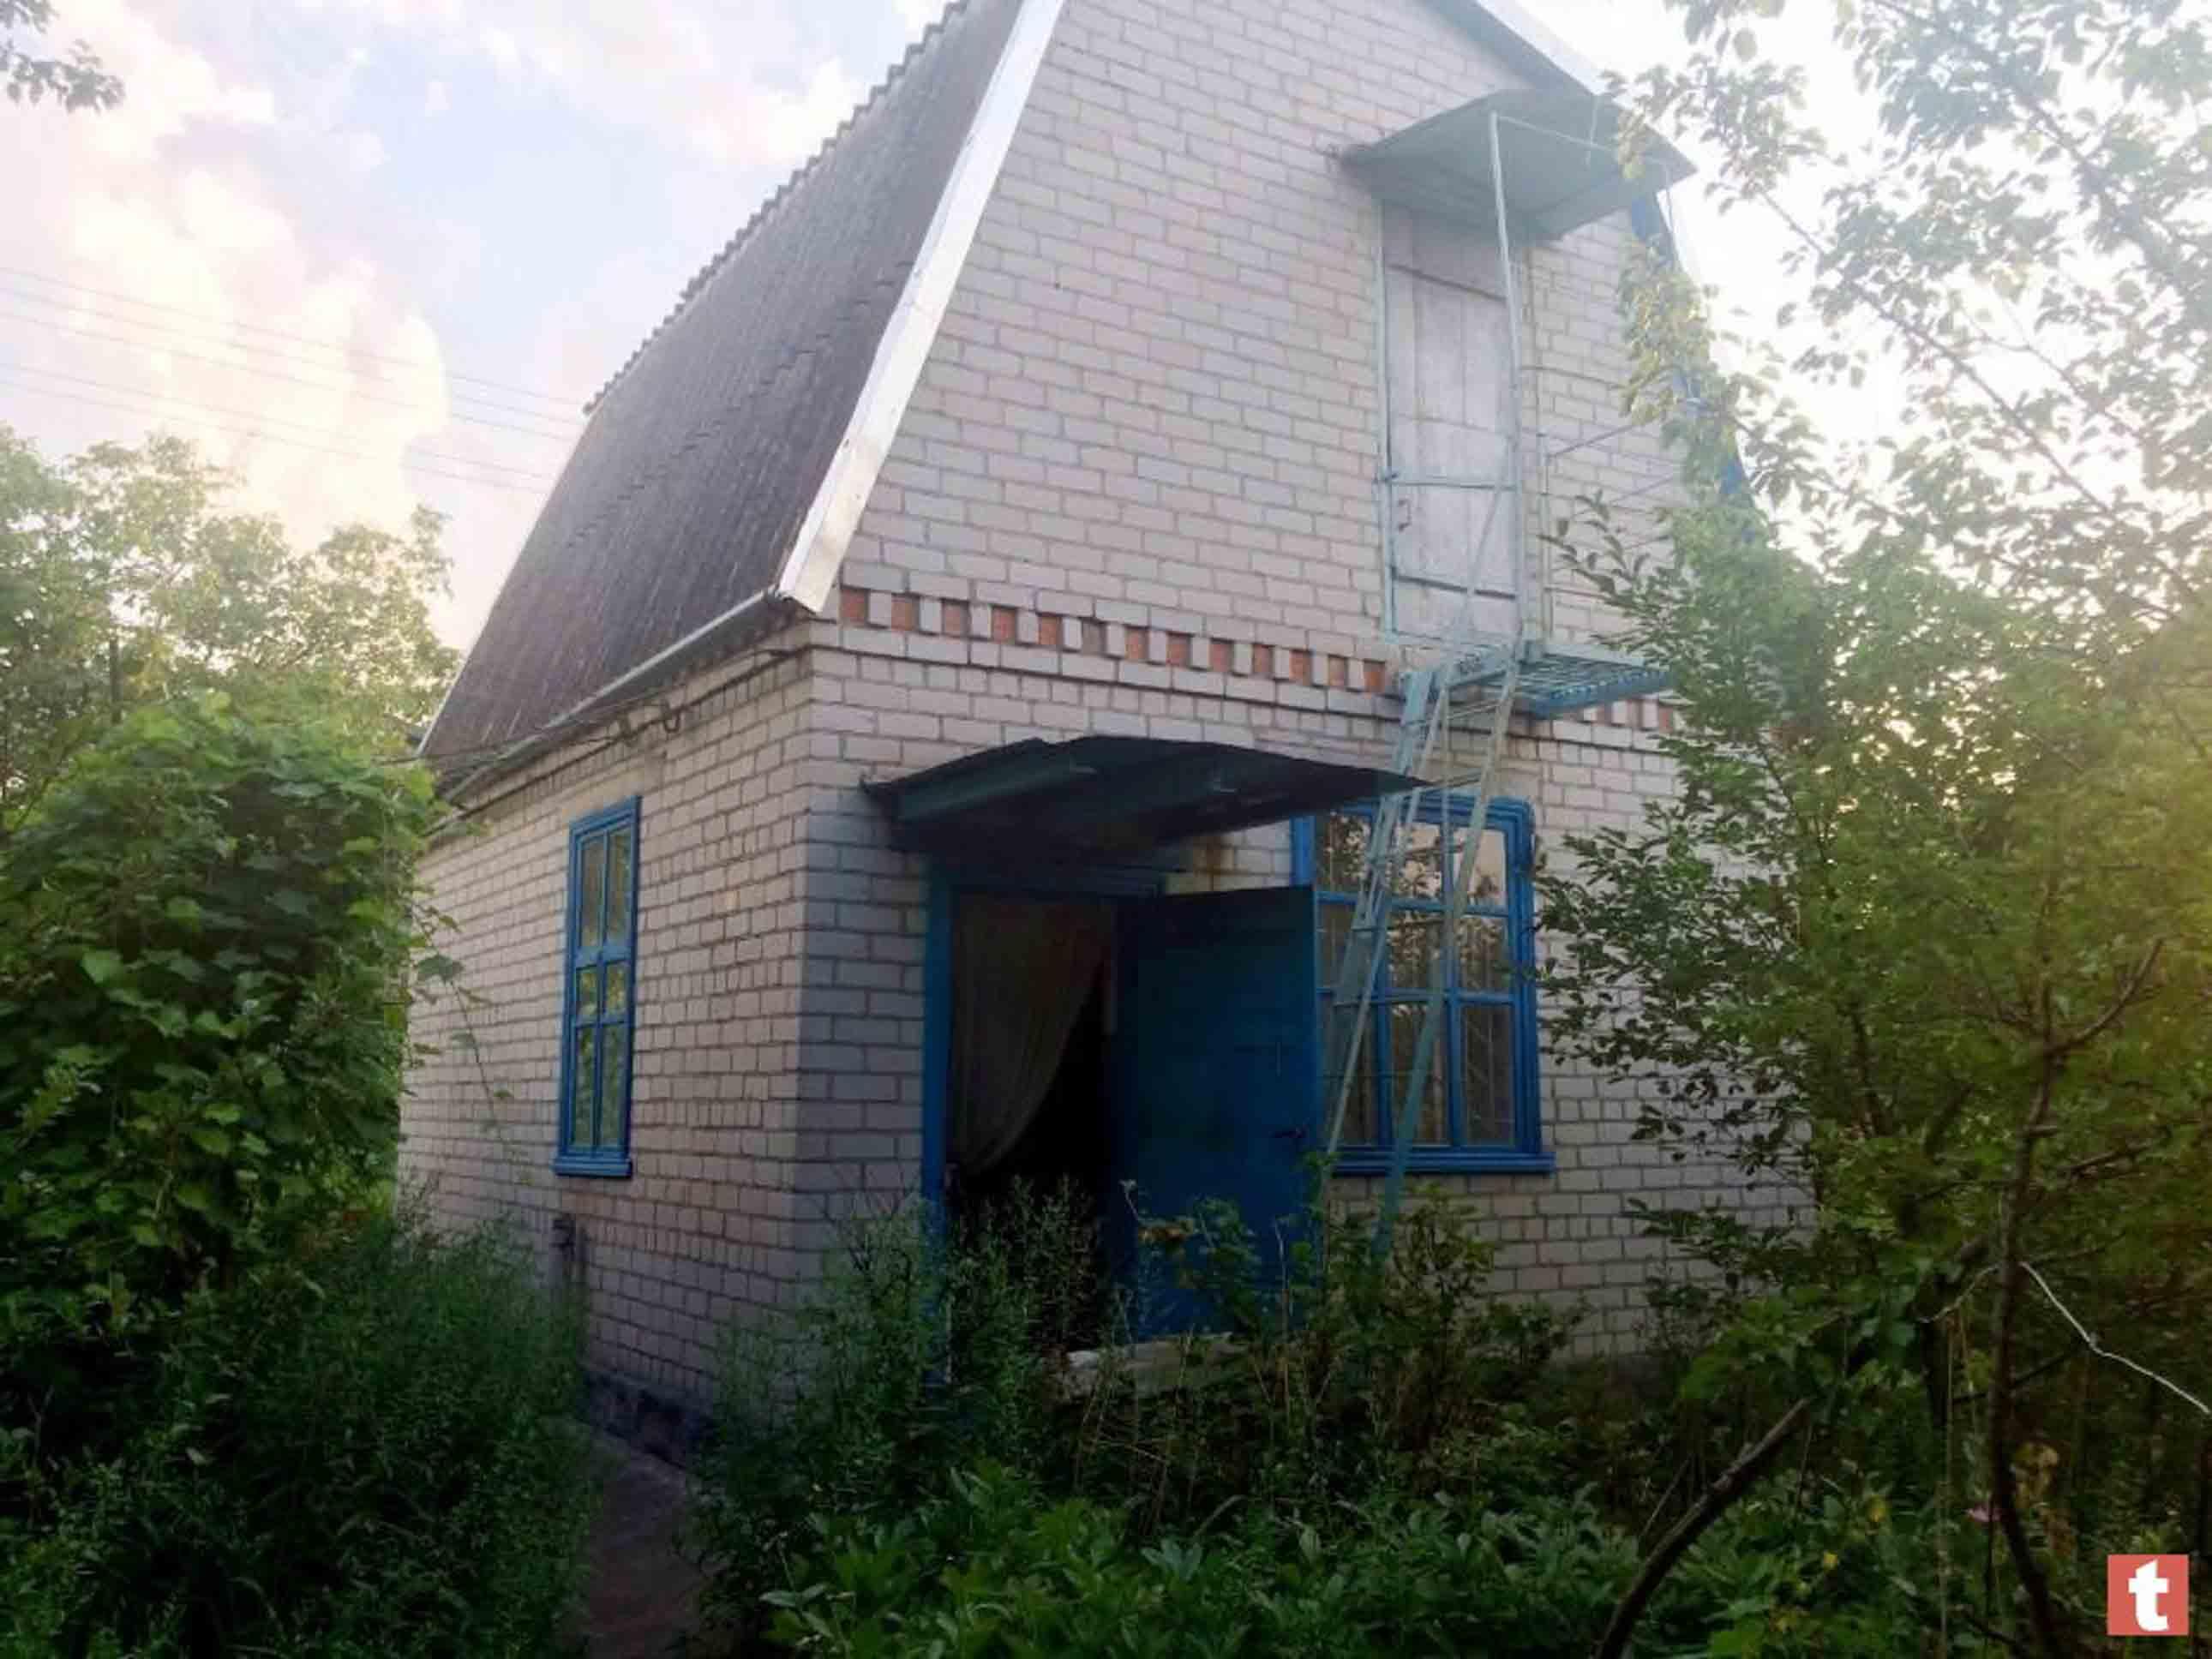 Cвой 2х эт. дом в Самаровке возле реки, 5 соток, кадастр фото 3